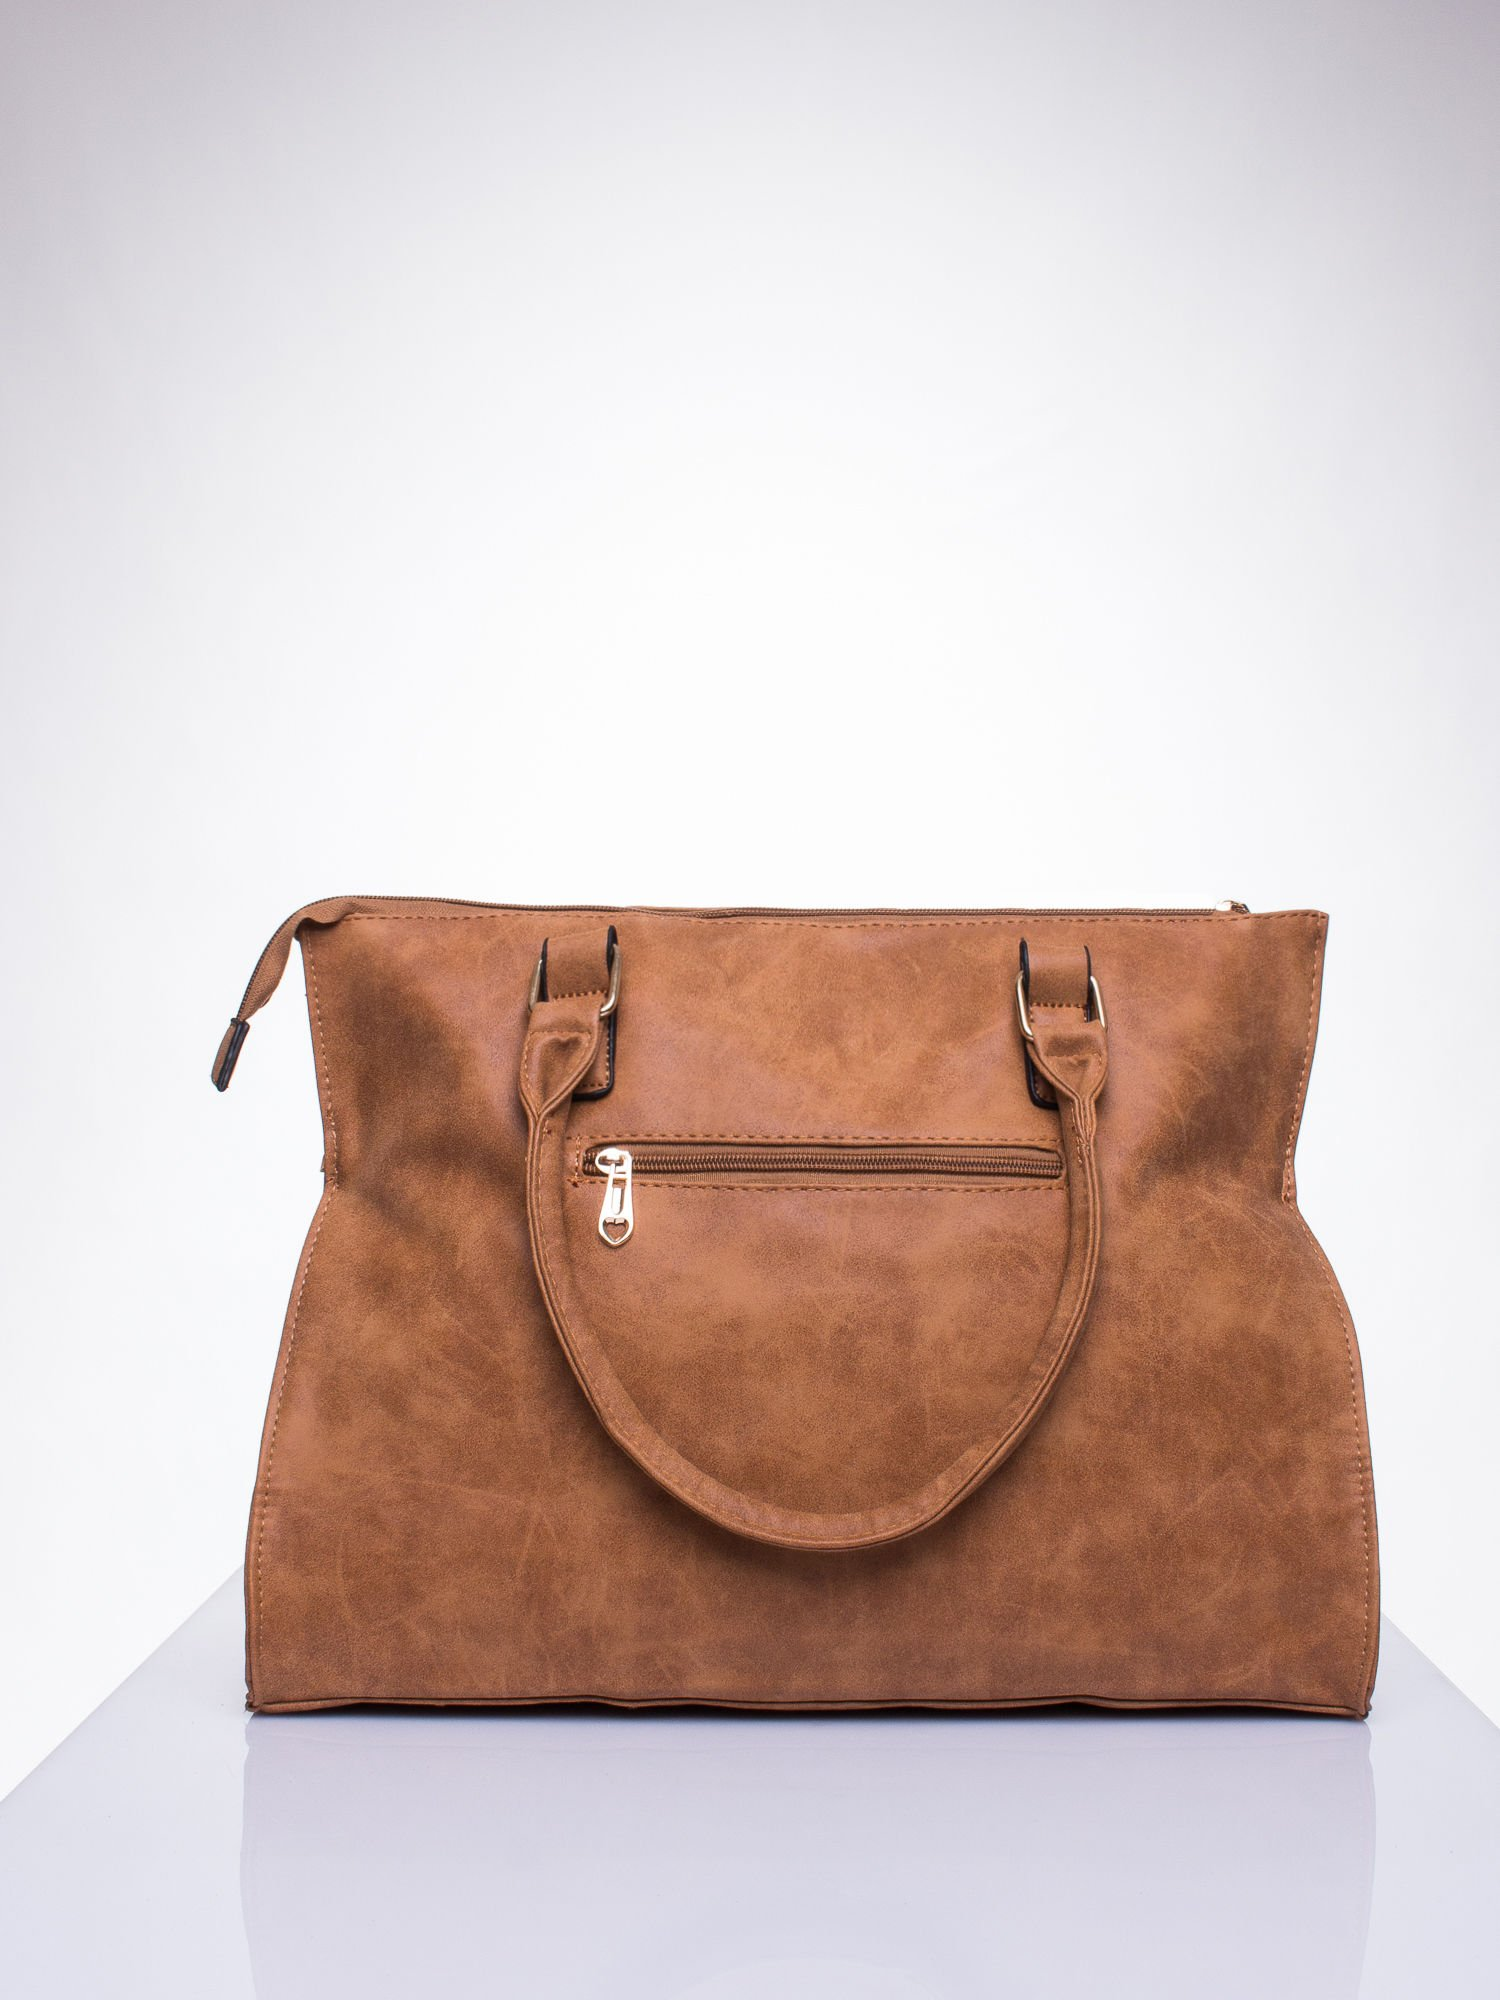 Brązowa torba shopper bag ze złotymi ćwiekami                                  zdj.                                  3